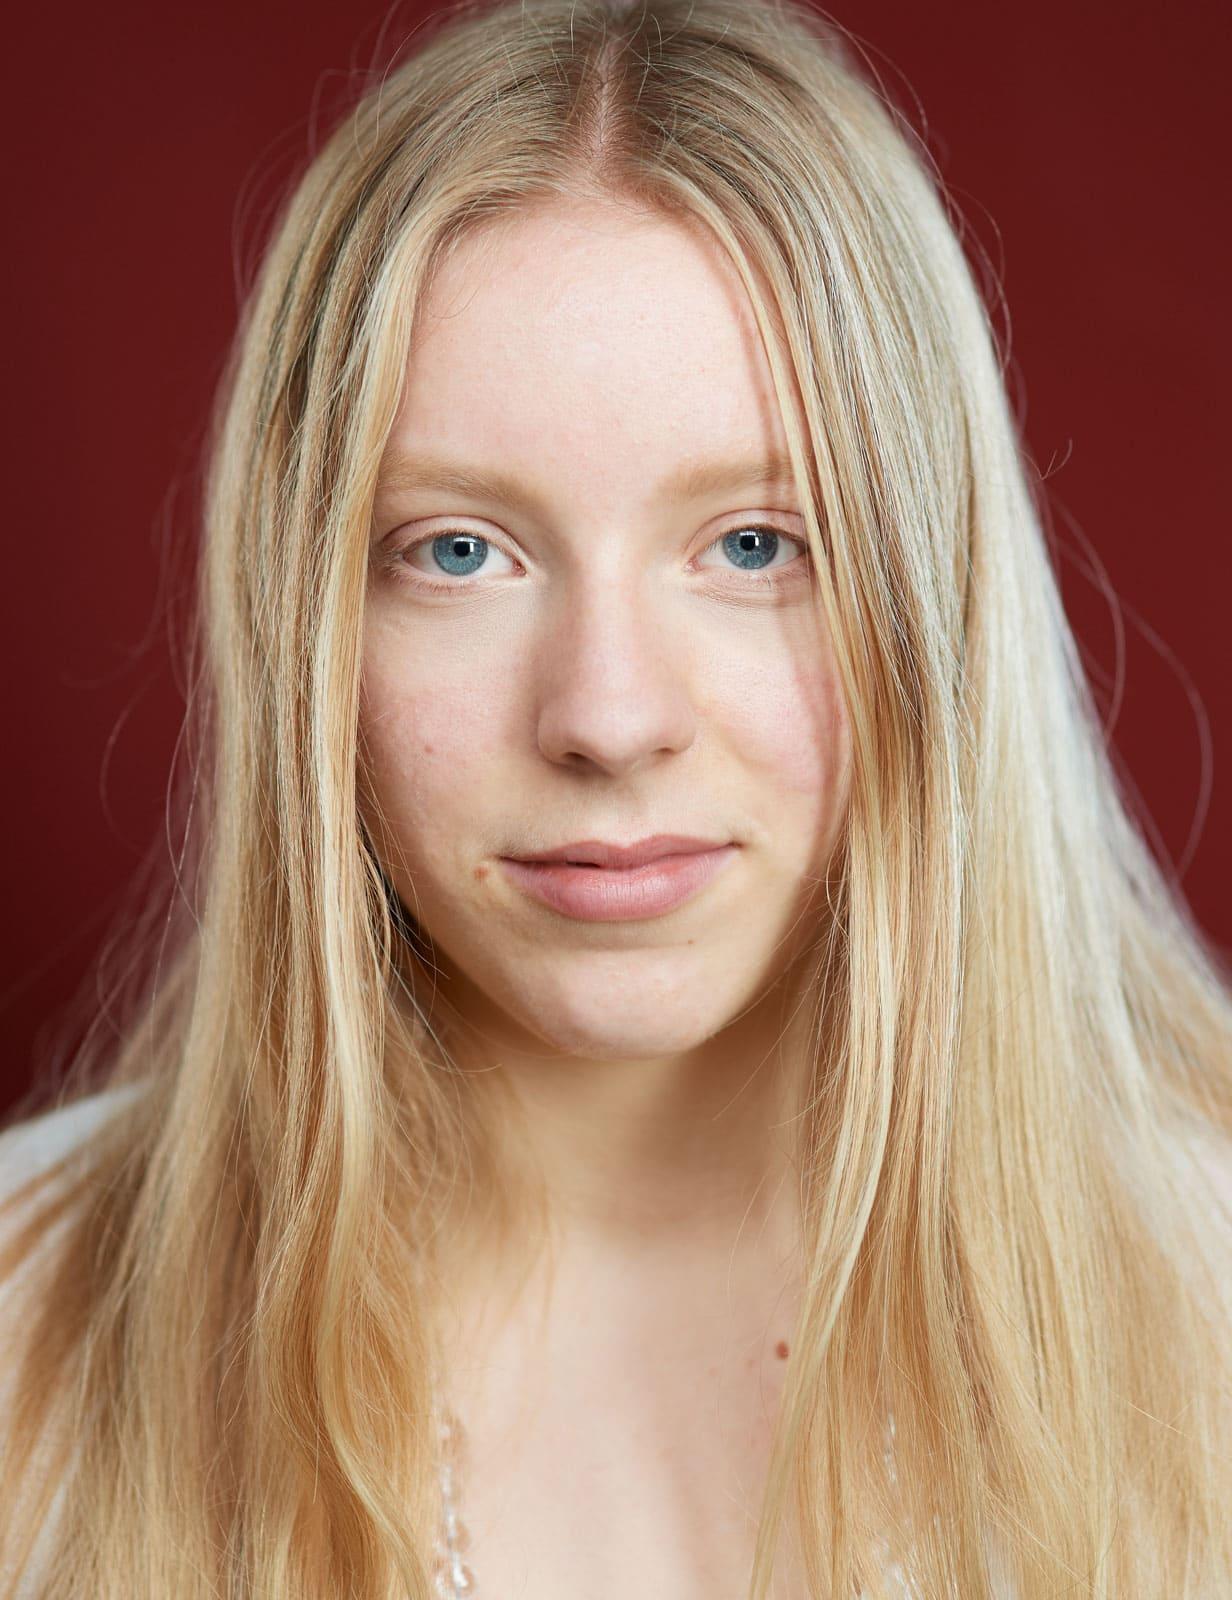 Portrait einer jungen Frau die sehr tiefblickend den Betrachter fixiert